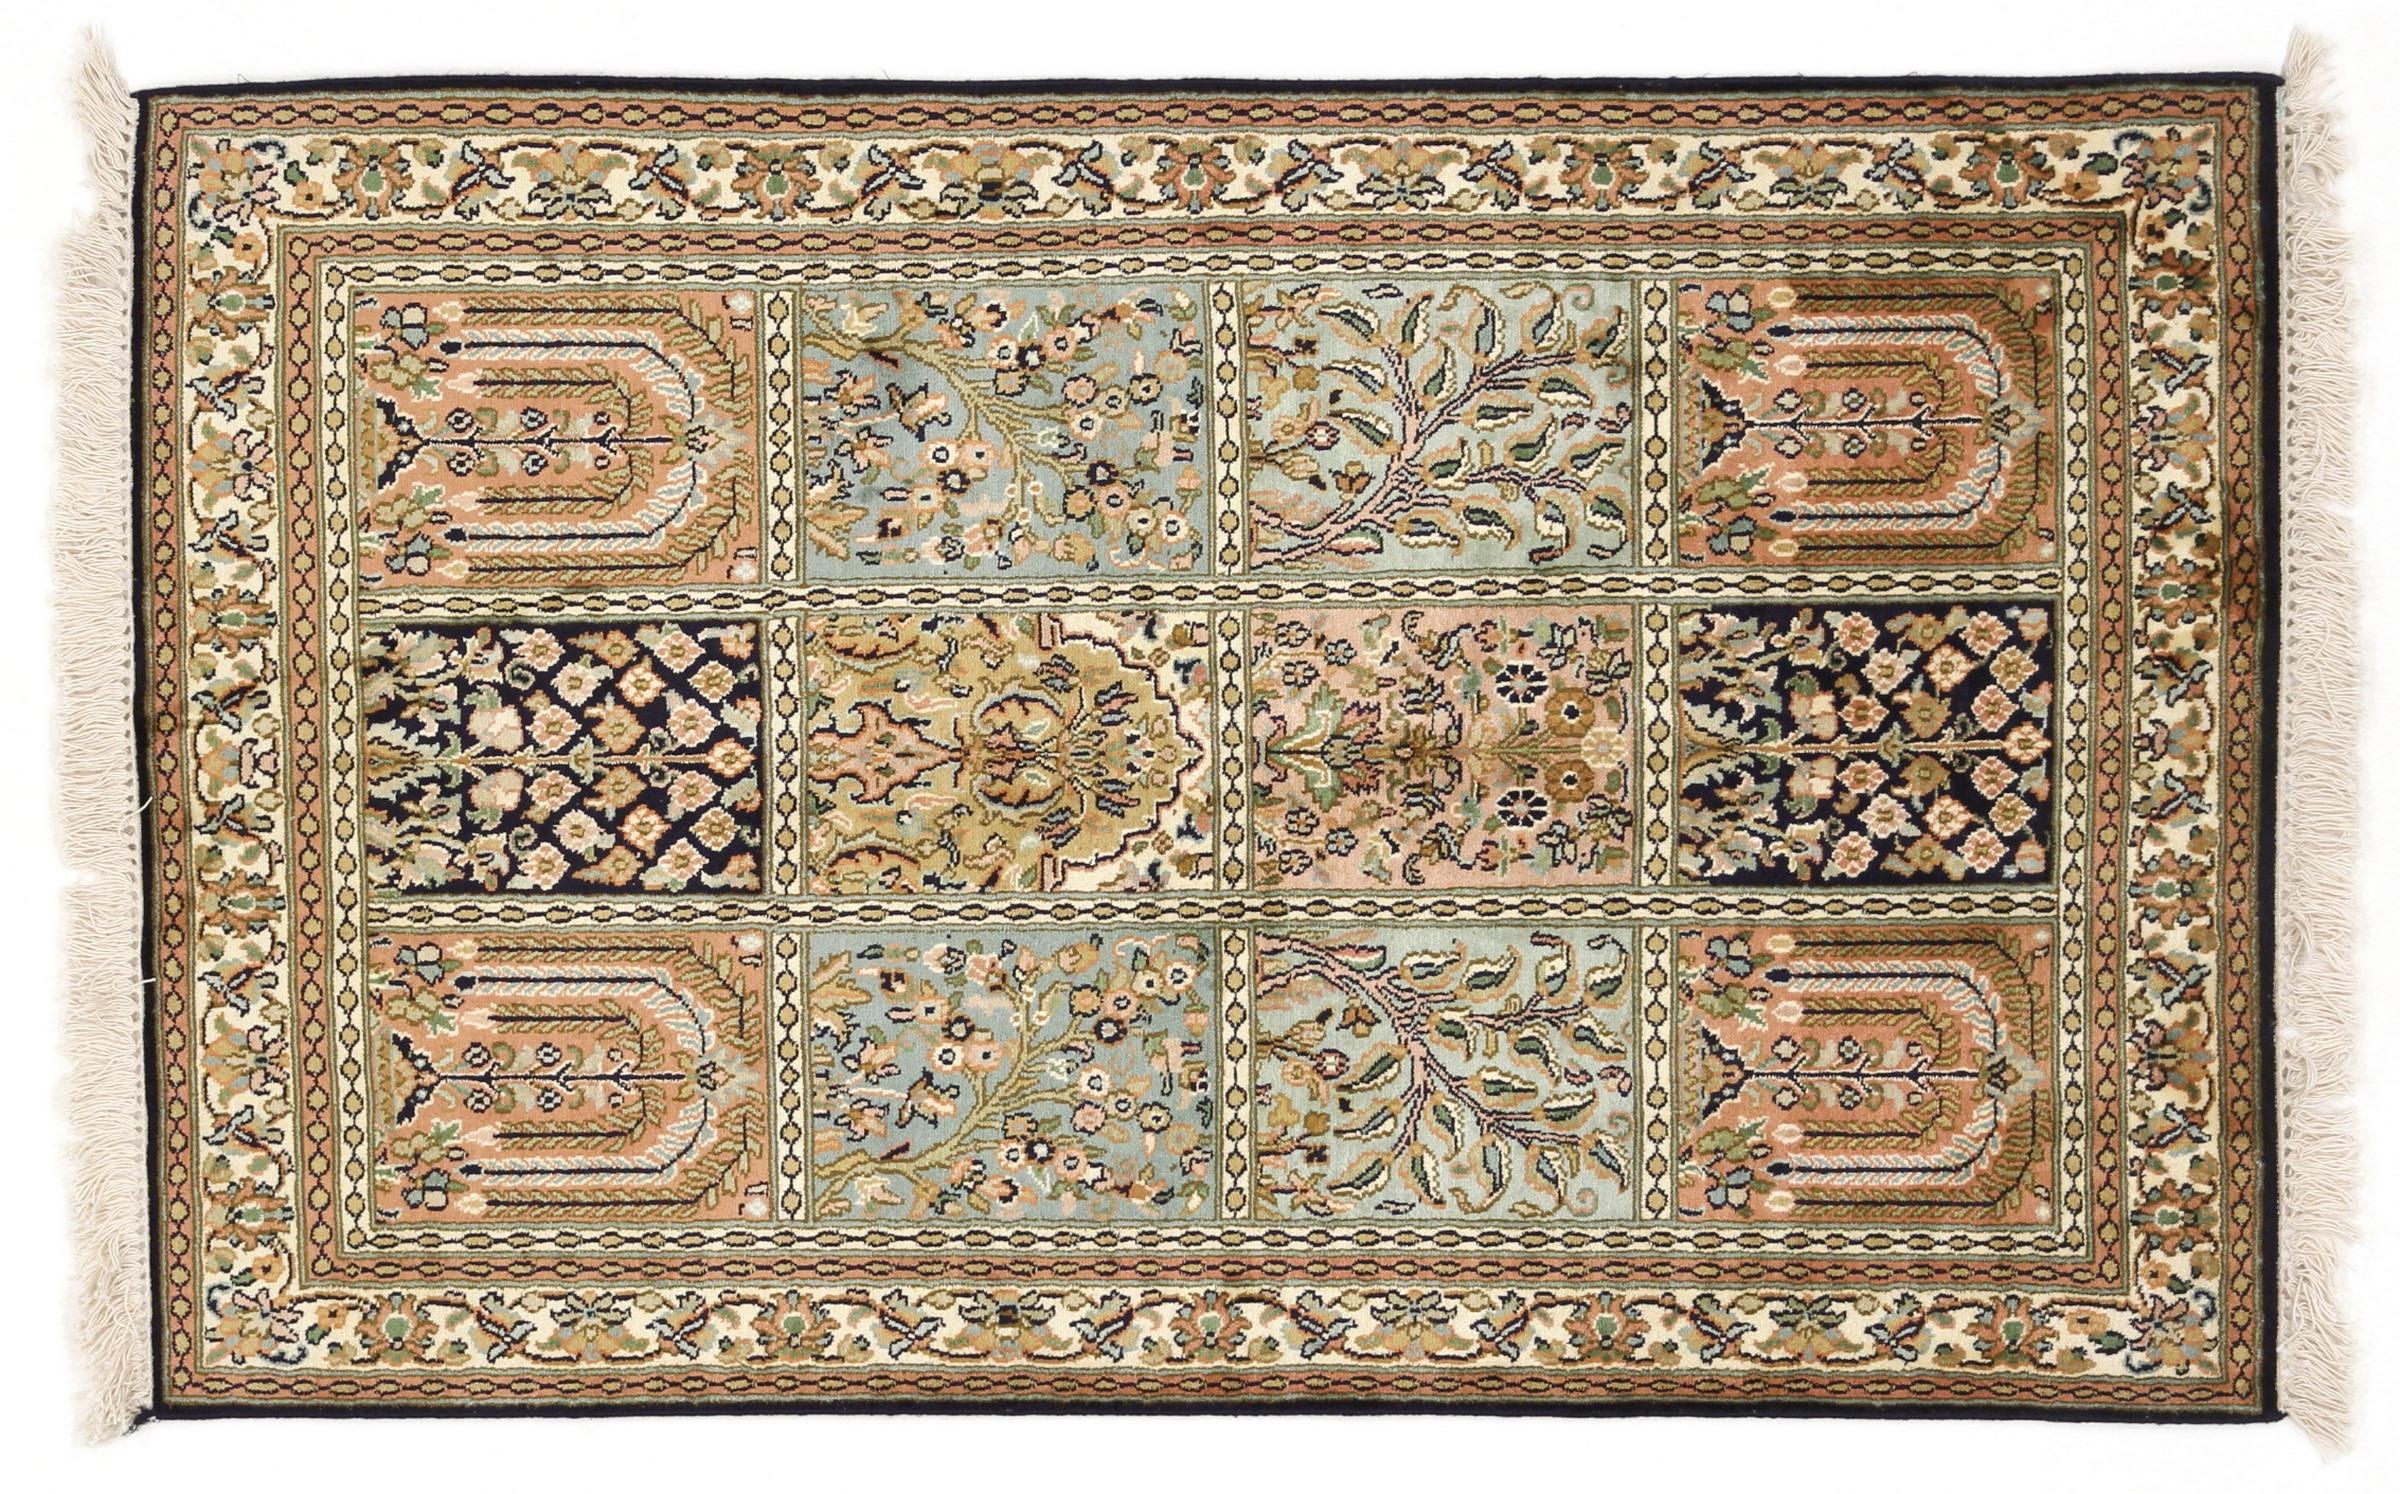 kaschmir reine seide indischer teppich 127x79 id20247. Black Bedroom Furniture Sets. Home Design Ideas